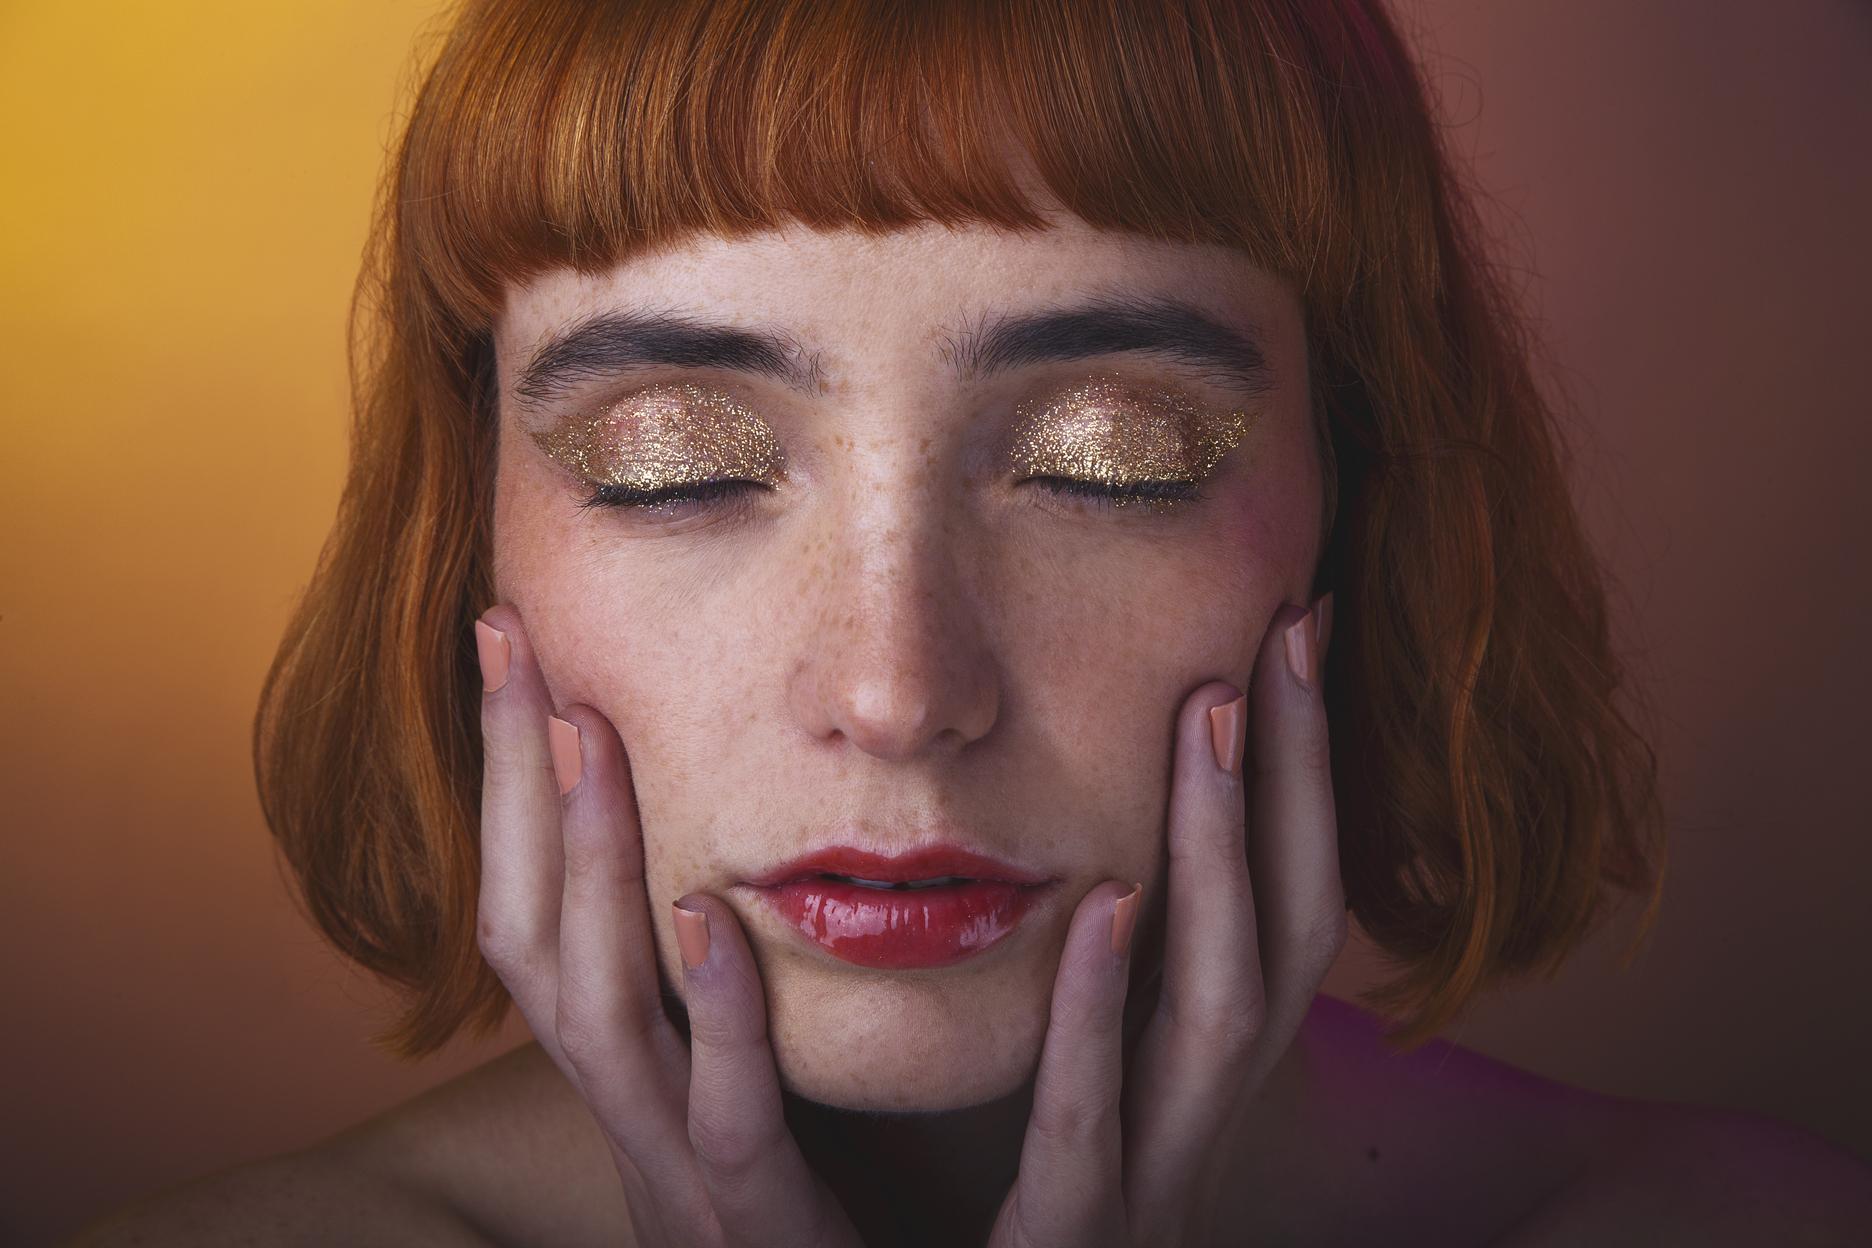 SKIN: Chanel, EYES : Mac Cosmetics y Chanel , LIPS: Mac Cosmetics y Chanel, Nails: Coquillage 560 Chanel.